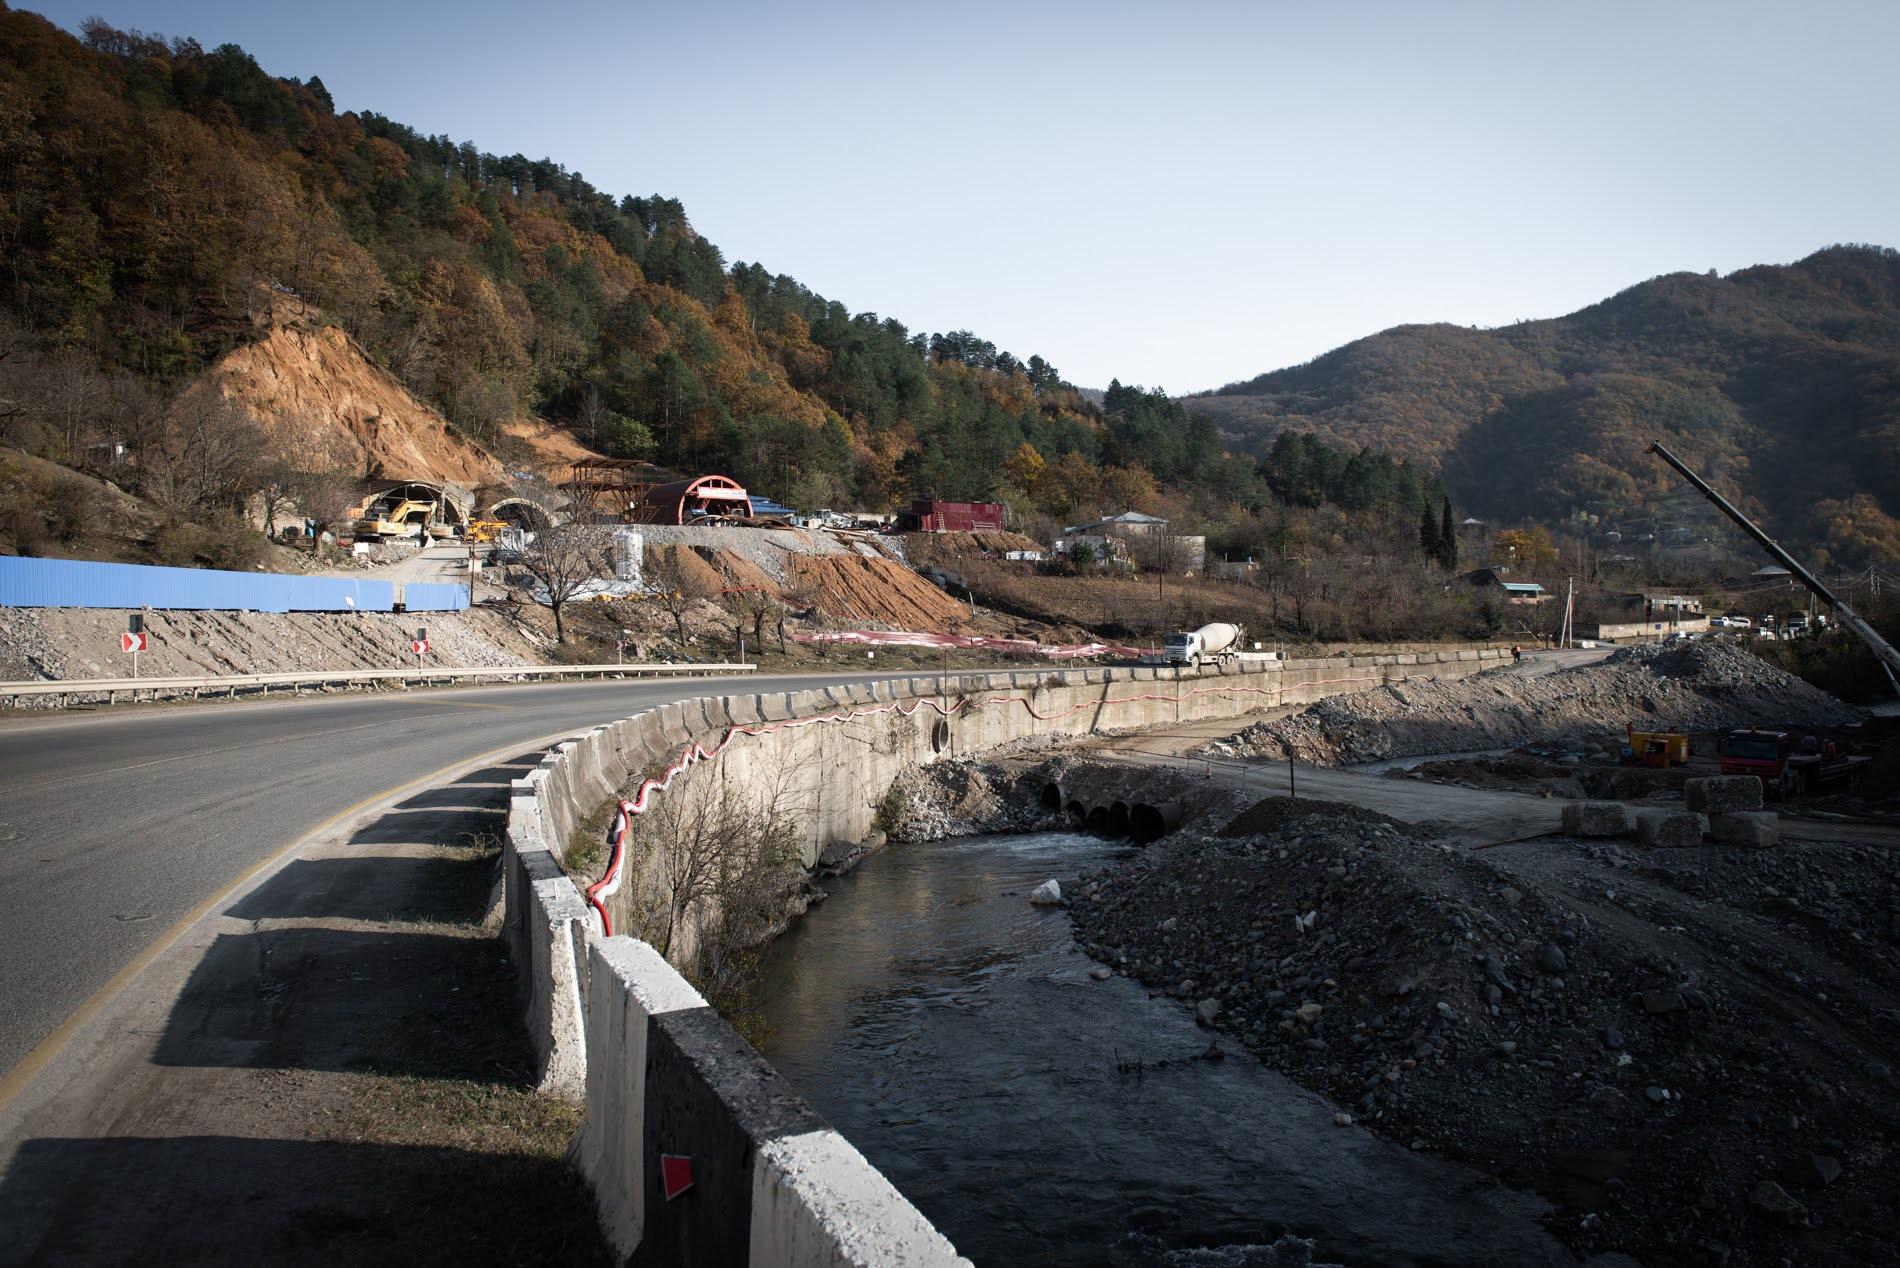 La nuova autostrada passerà attraverso una serie di tunnel e cavalcavia, lasciando la vecchia strada quasi priva di traffico (Tamuna Chkareuli / OC Media)